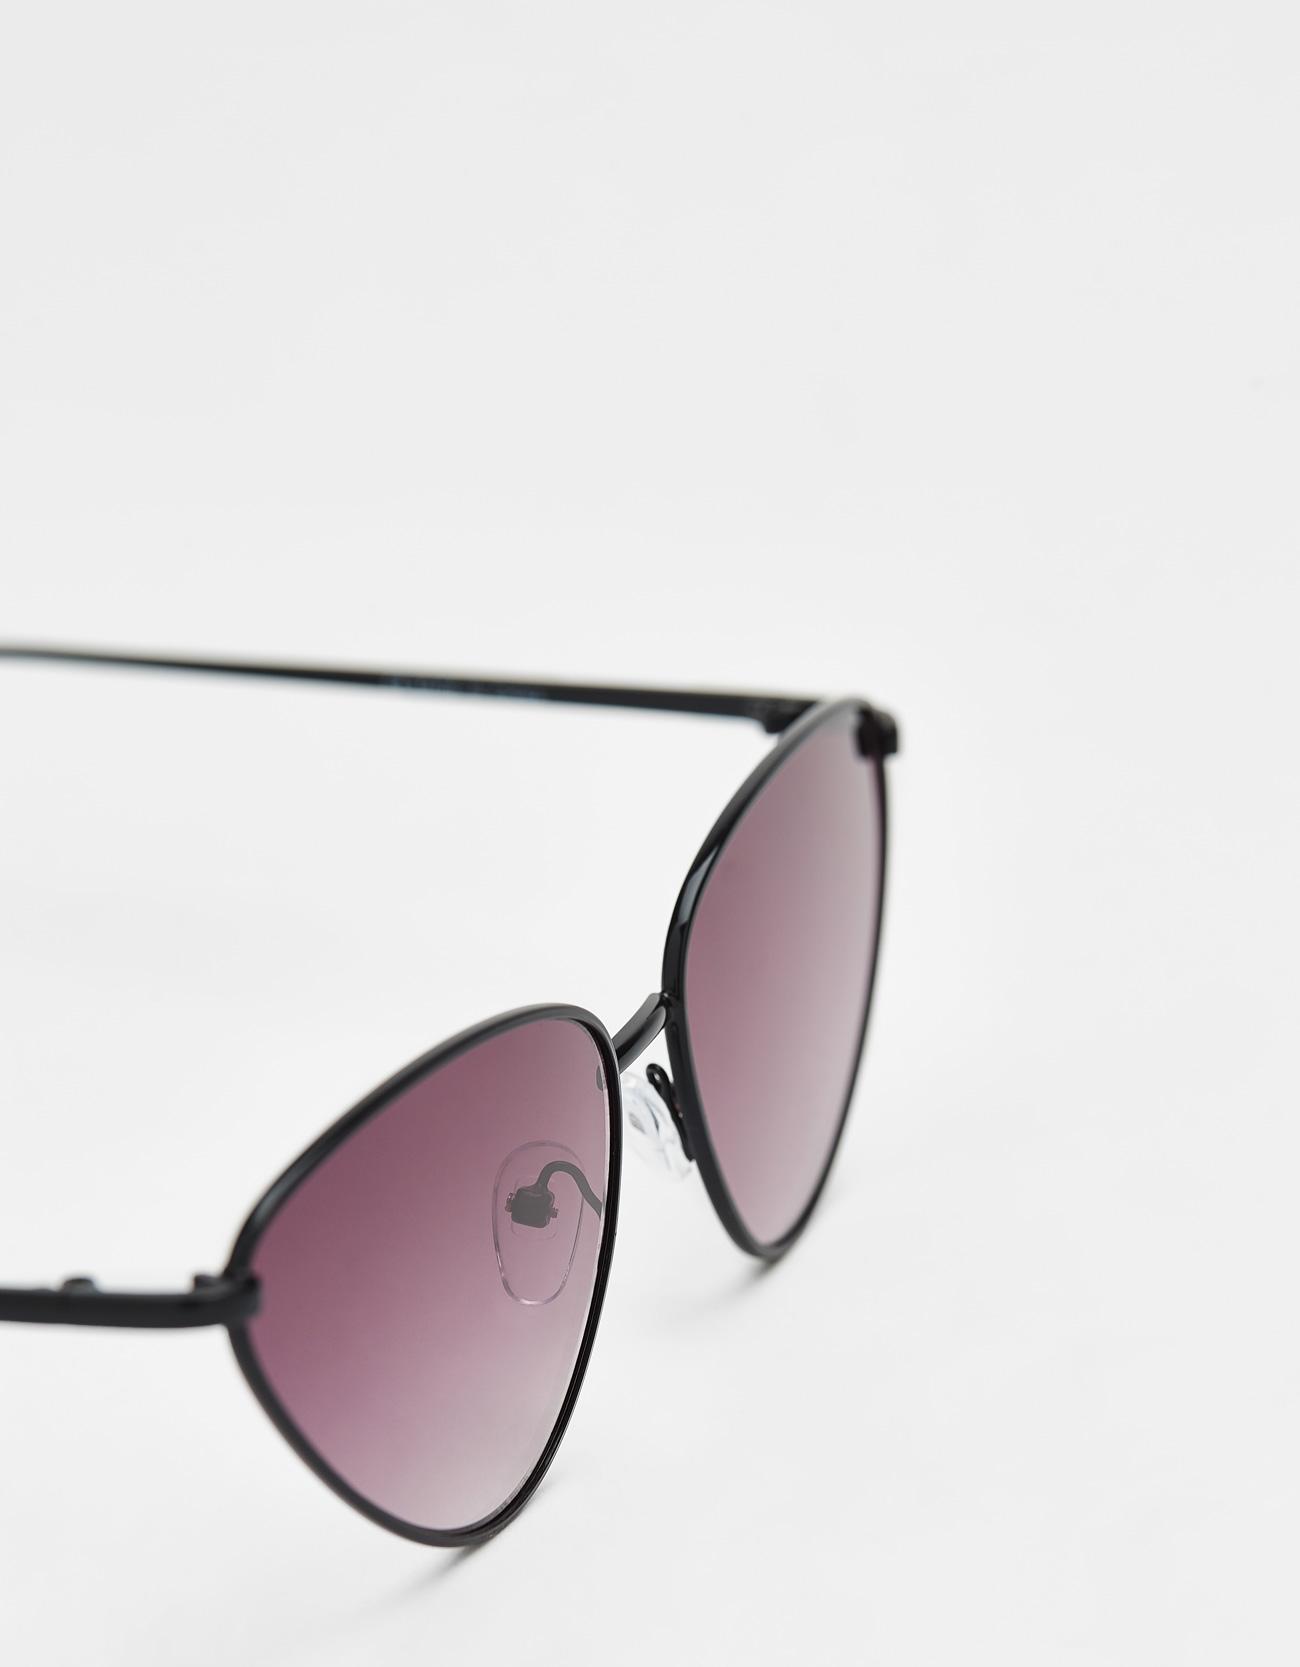 60d59f9dff37d1 Metallic retro bril - Jeans - Bershka Netherlands